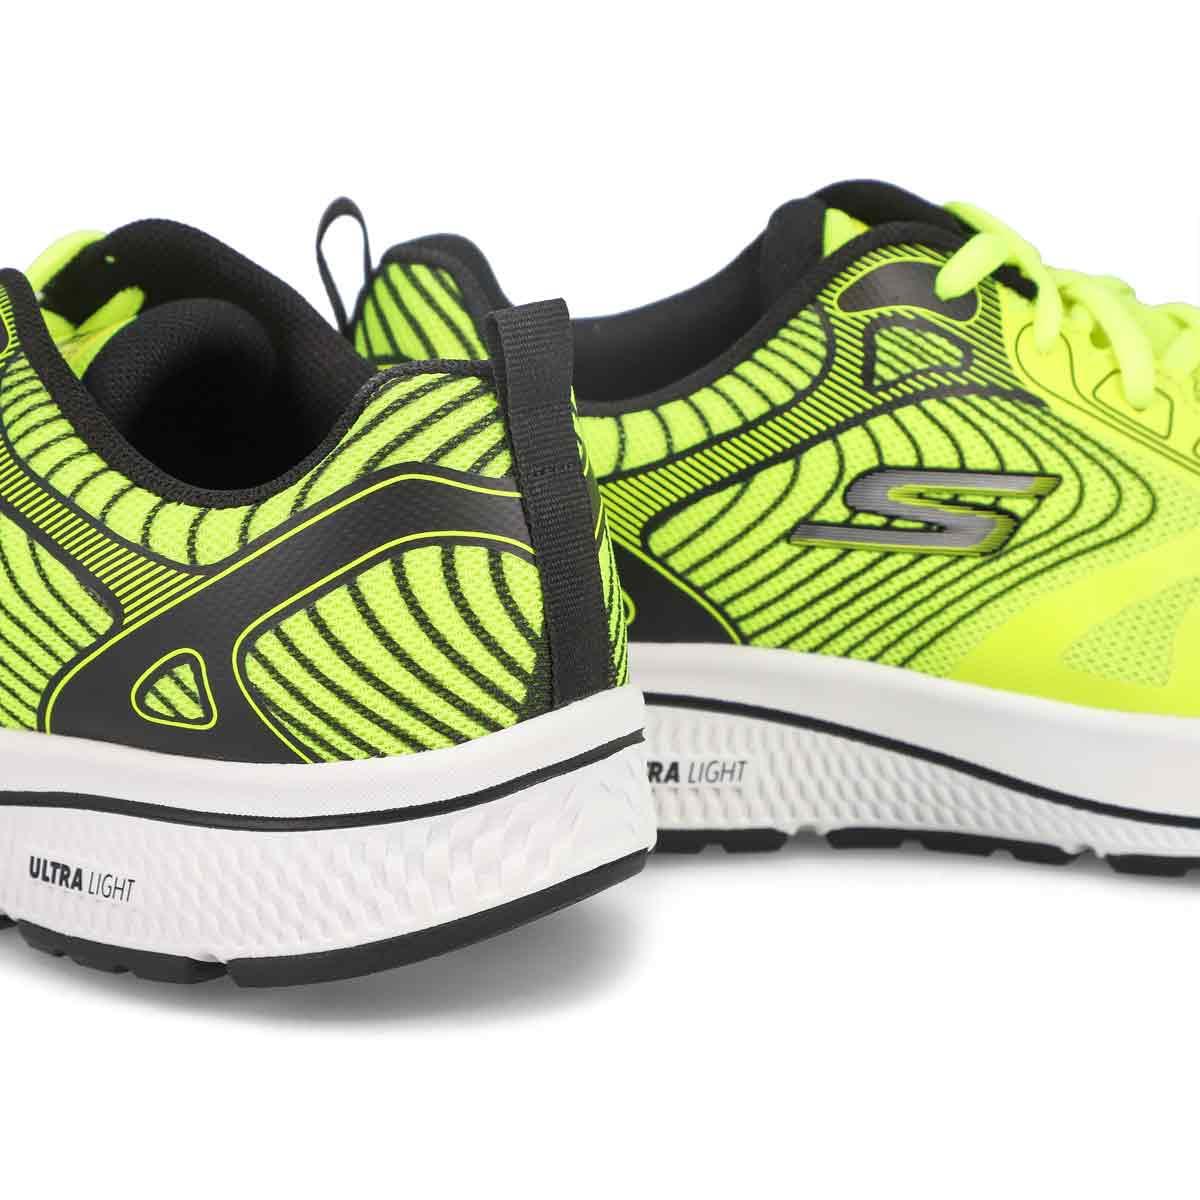 Men's Go Run Running Shoes - Yellow